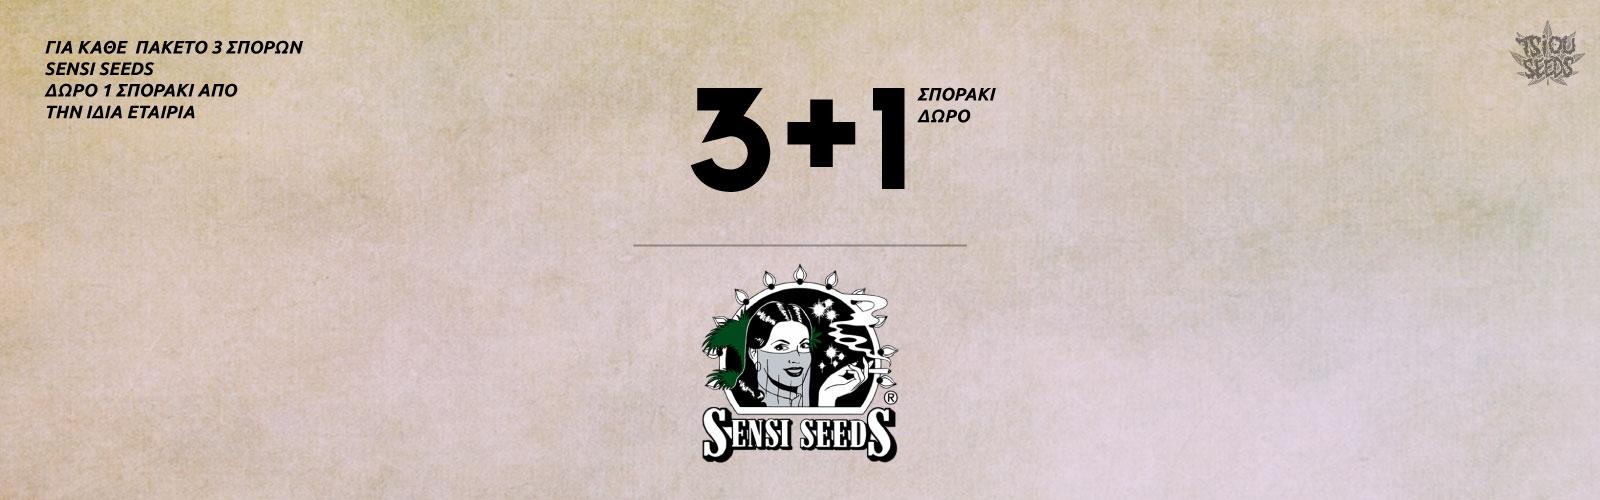 Sensi-Seeds-Offer-2